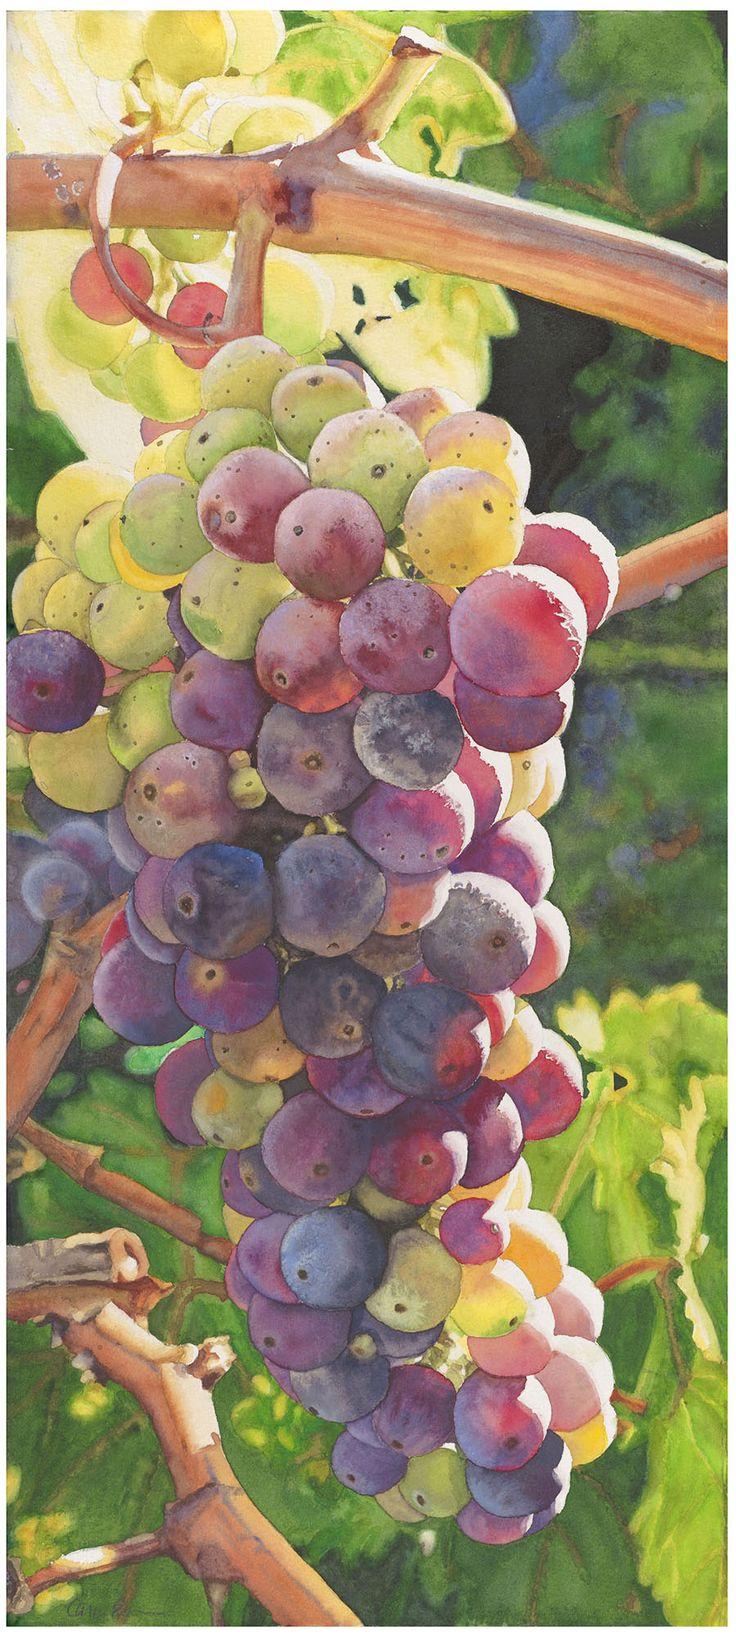 Life in Full Color, Cara Brown, www.lifeinfullcolor.com